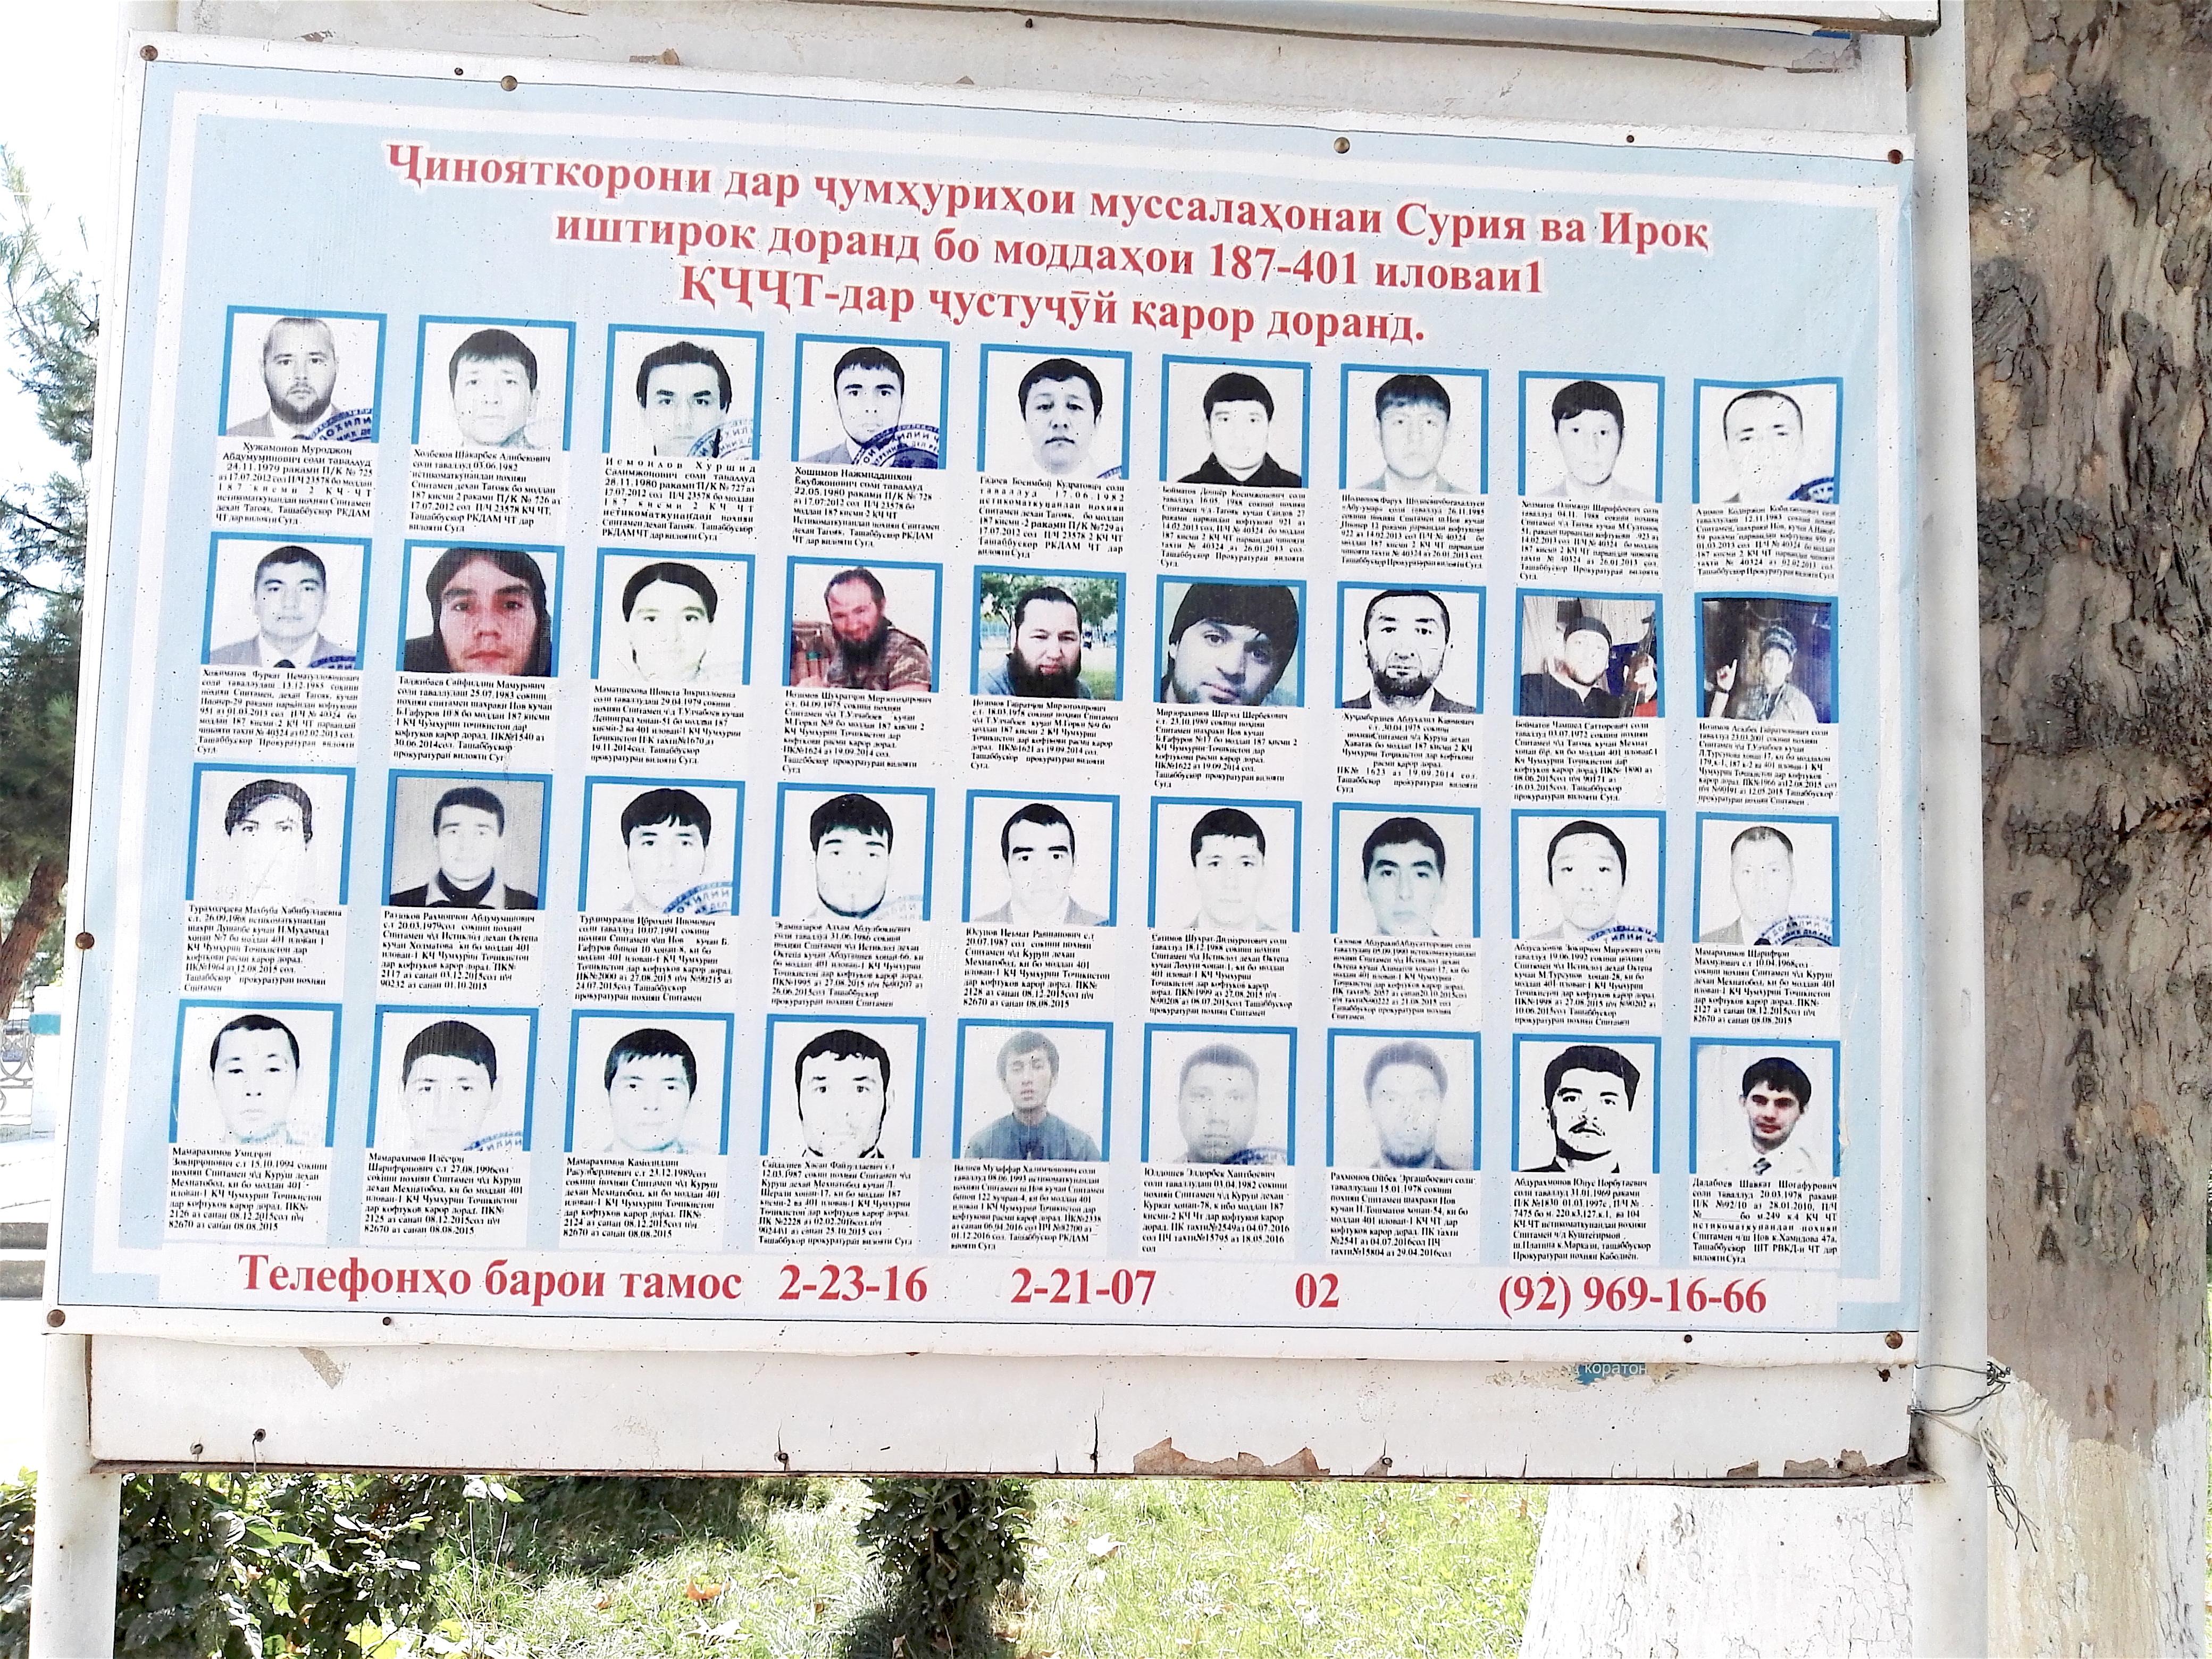 Список разыскиваемых боевиков. По данным милиции, в первой половине 2017 года были экстрадированы 18 разыскиваемых жителей Согдийской области. Спитаменский район, 18 августа 2017 г. [Негматулло Мирсаидов]